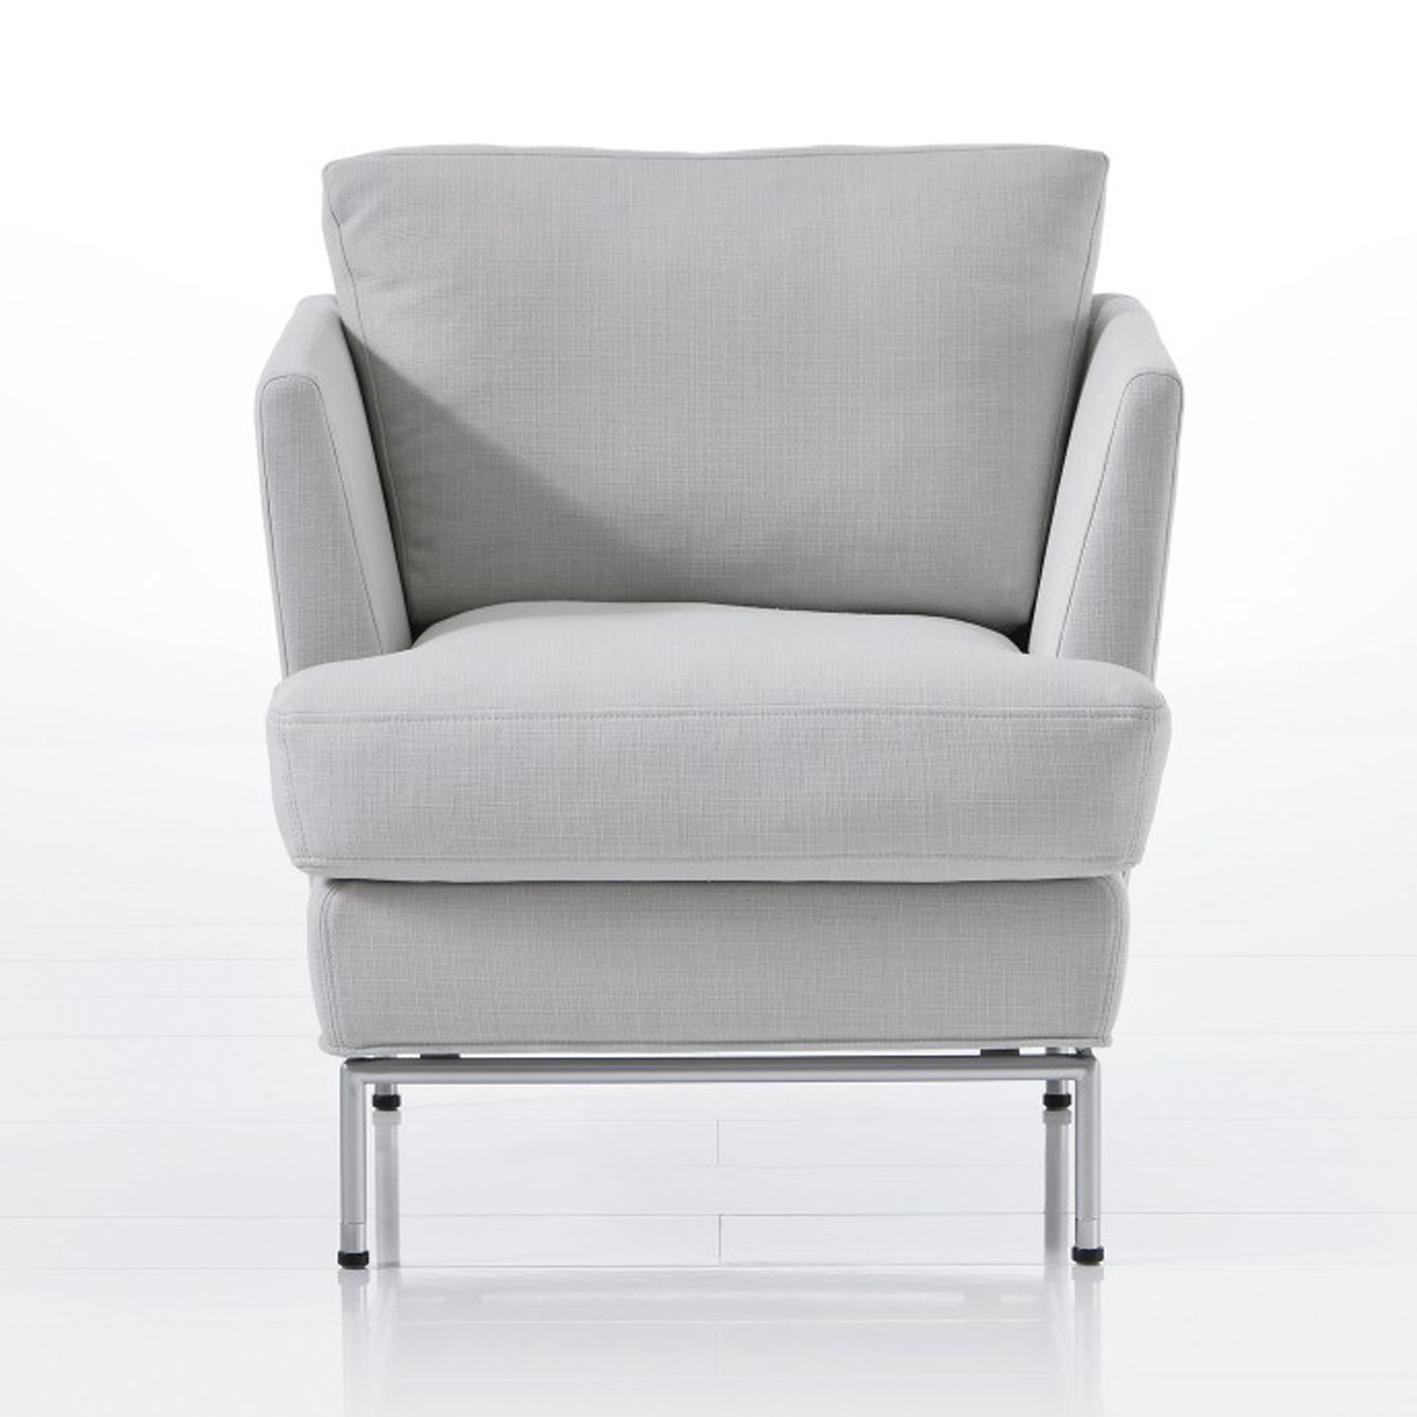 Carousel Von Bruhl Mit Lose Aufliegenden Sitzkissen Ist Eine Leger Moderne Anpass Ungsfahige Und Komfo Sessel Neu Beziehen Sessel Mit Hocker Sessel